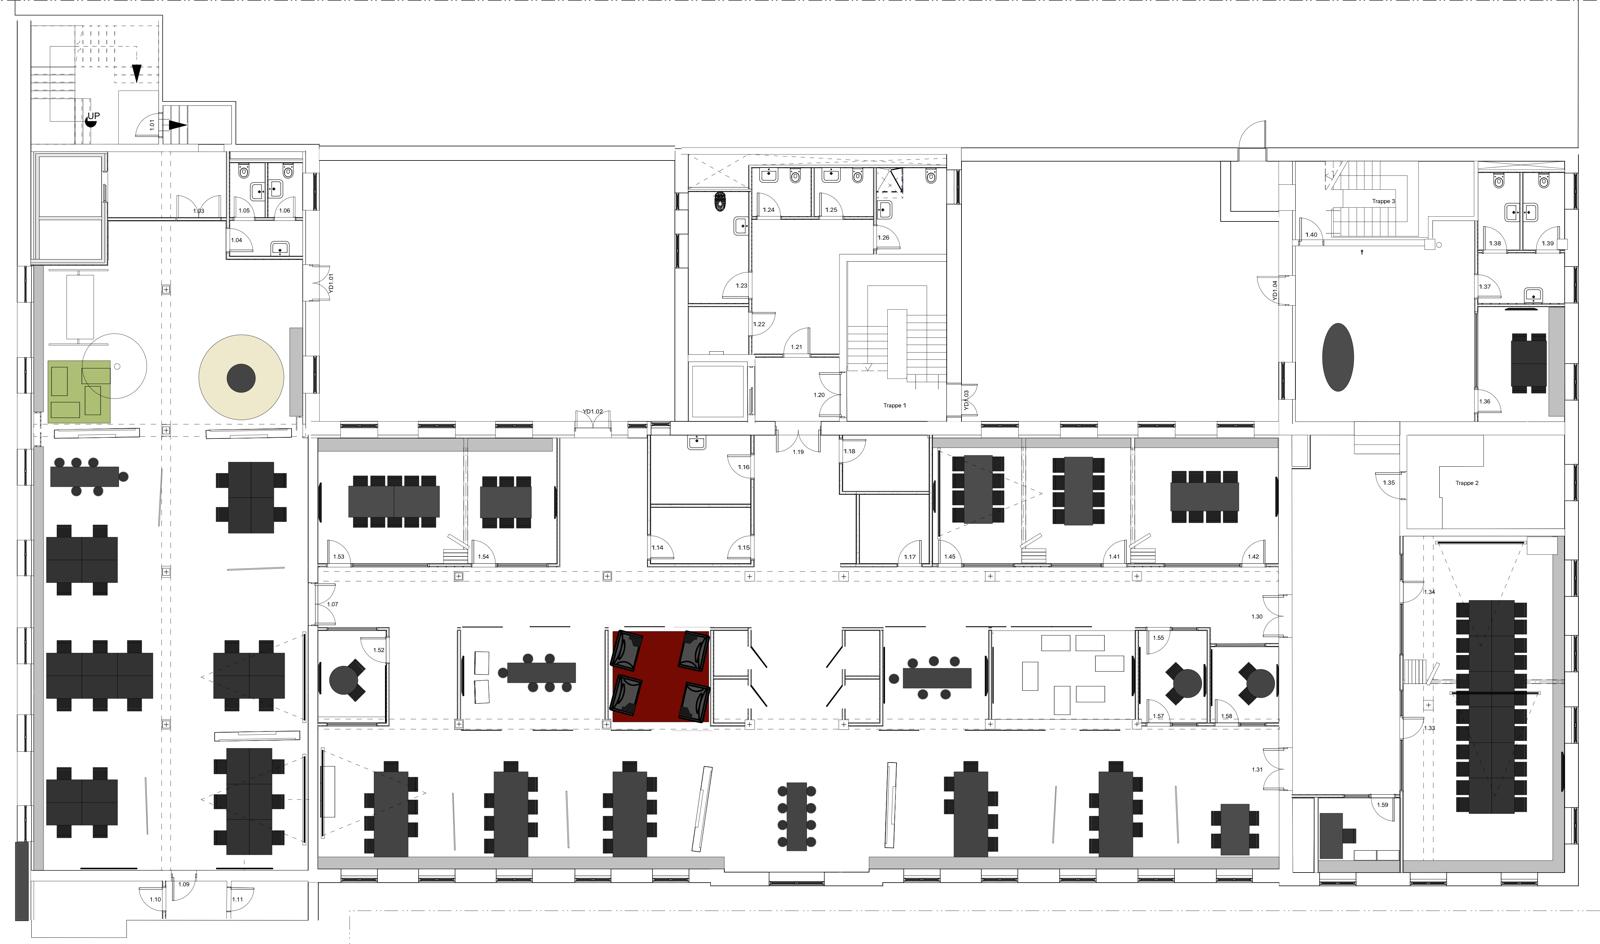 Strandvejen 56, genopbygning efter brand (plantegning 1. sal)